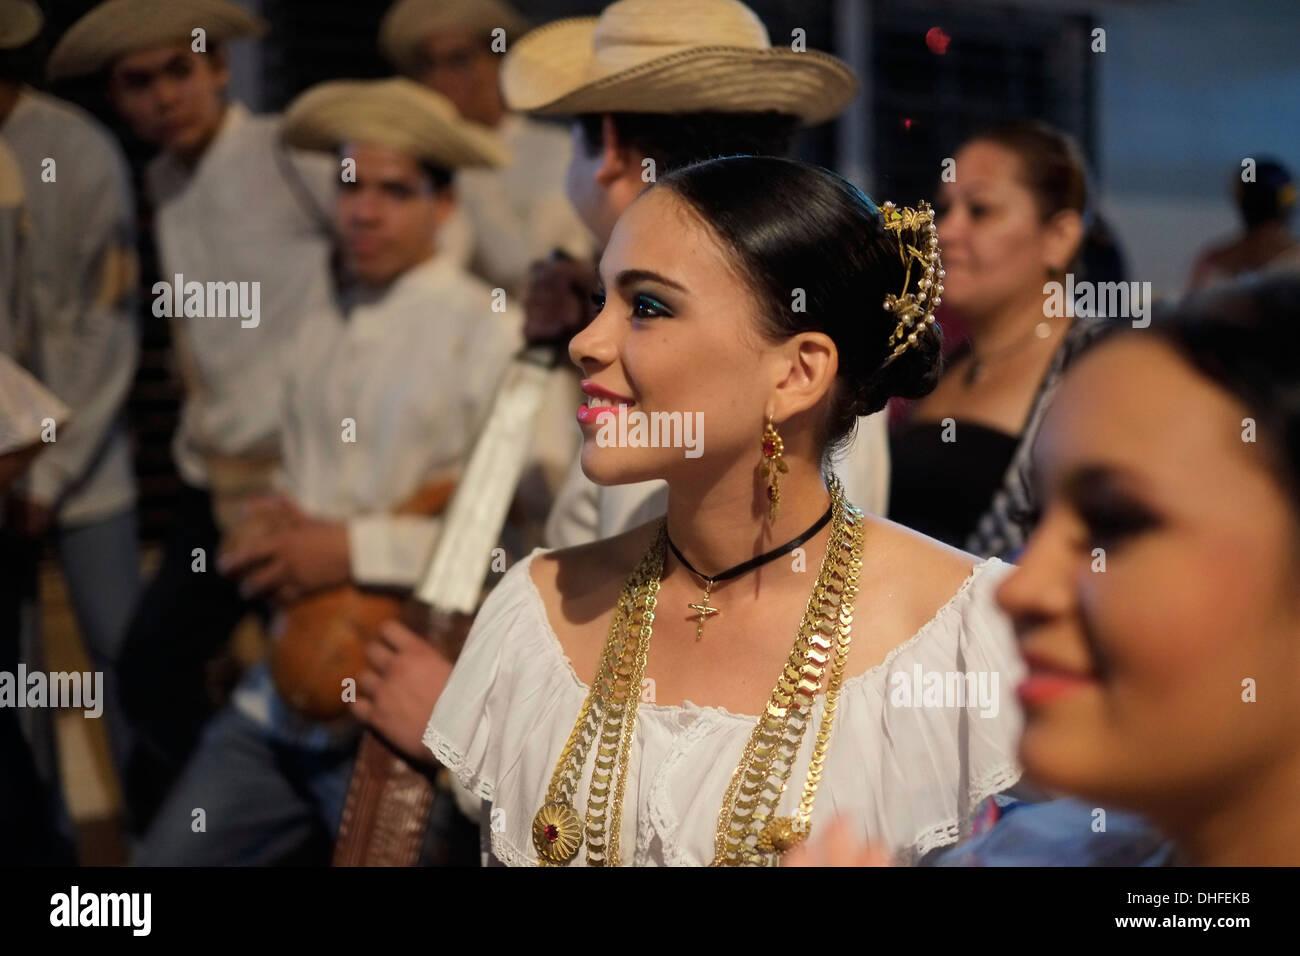 La Gente En Ropa Tradicional Durante El Festival Montanero En Chitre